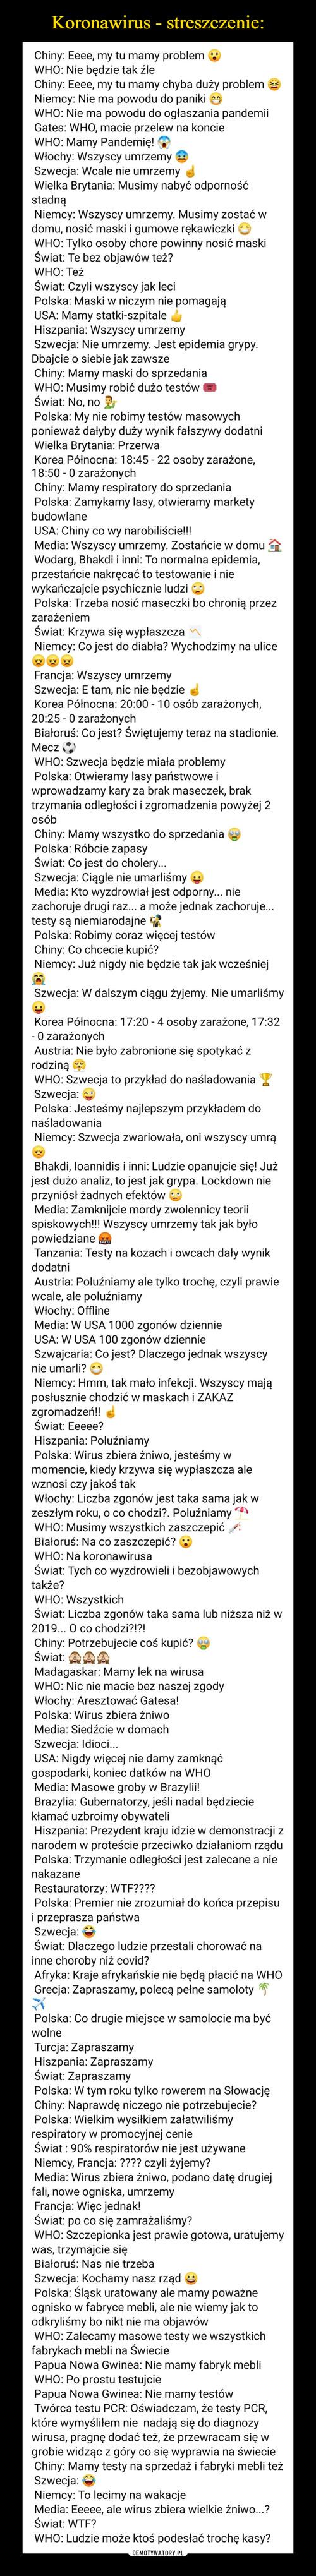 Koronawirus - streszczenie: